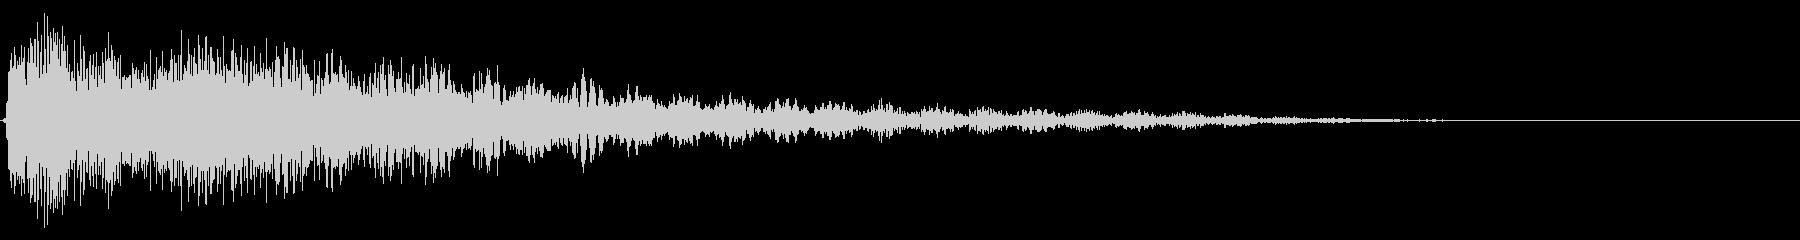 テロップ紹介(ピアノとシンセ:バン)4の未再生の波形